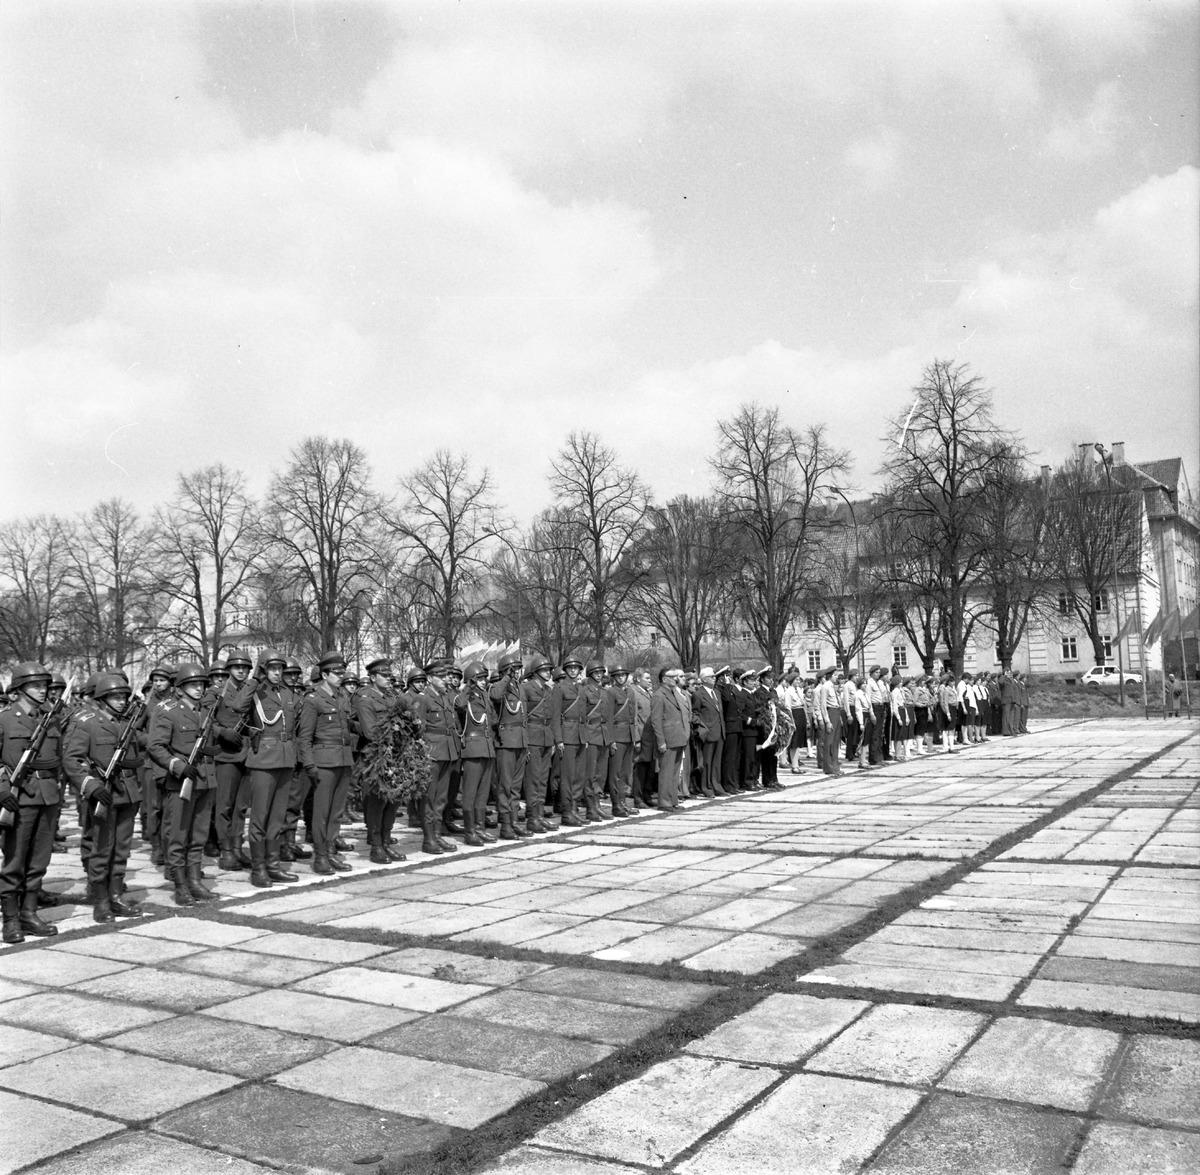 Uroczystość odsłonięcia pomnika żołnierzy radzieckich [6]